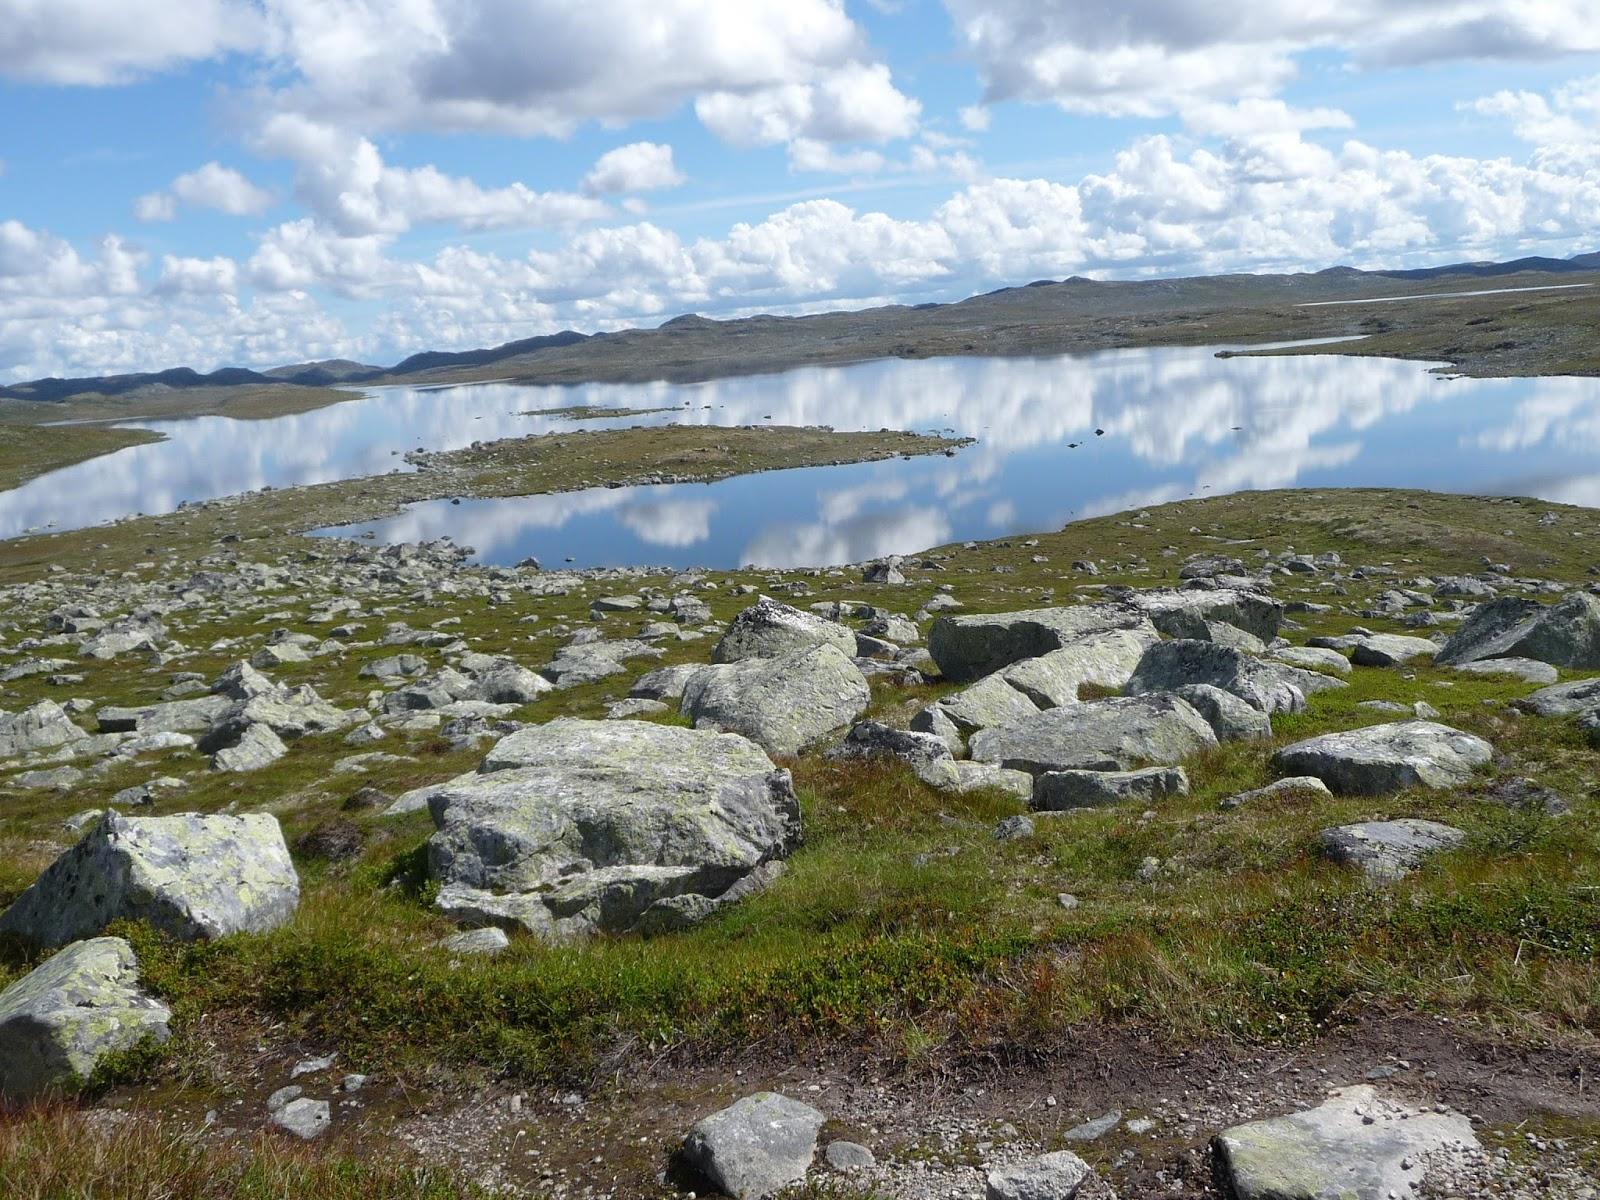 durch die wildnis norwegen